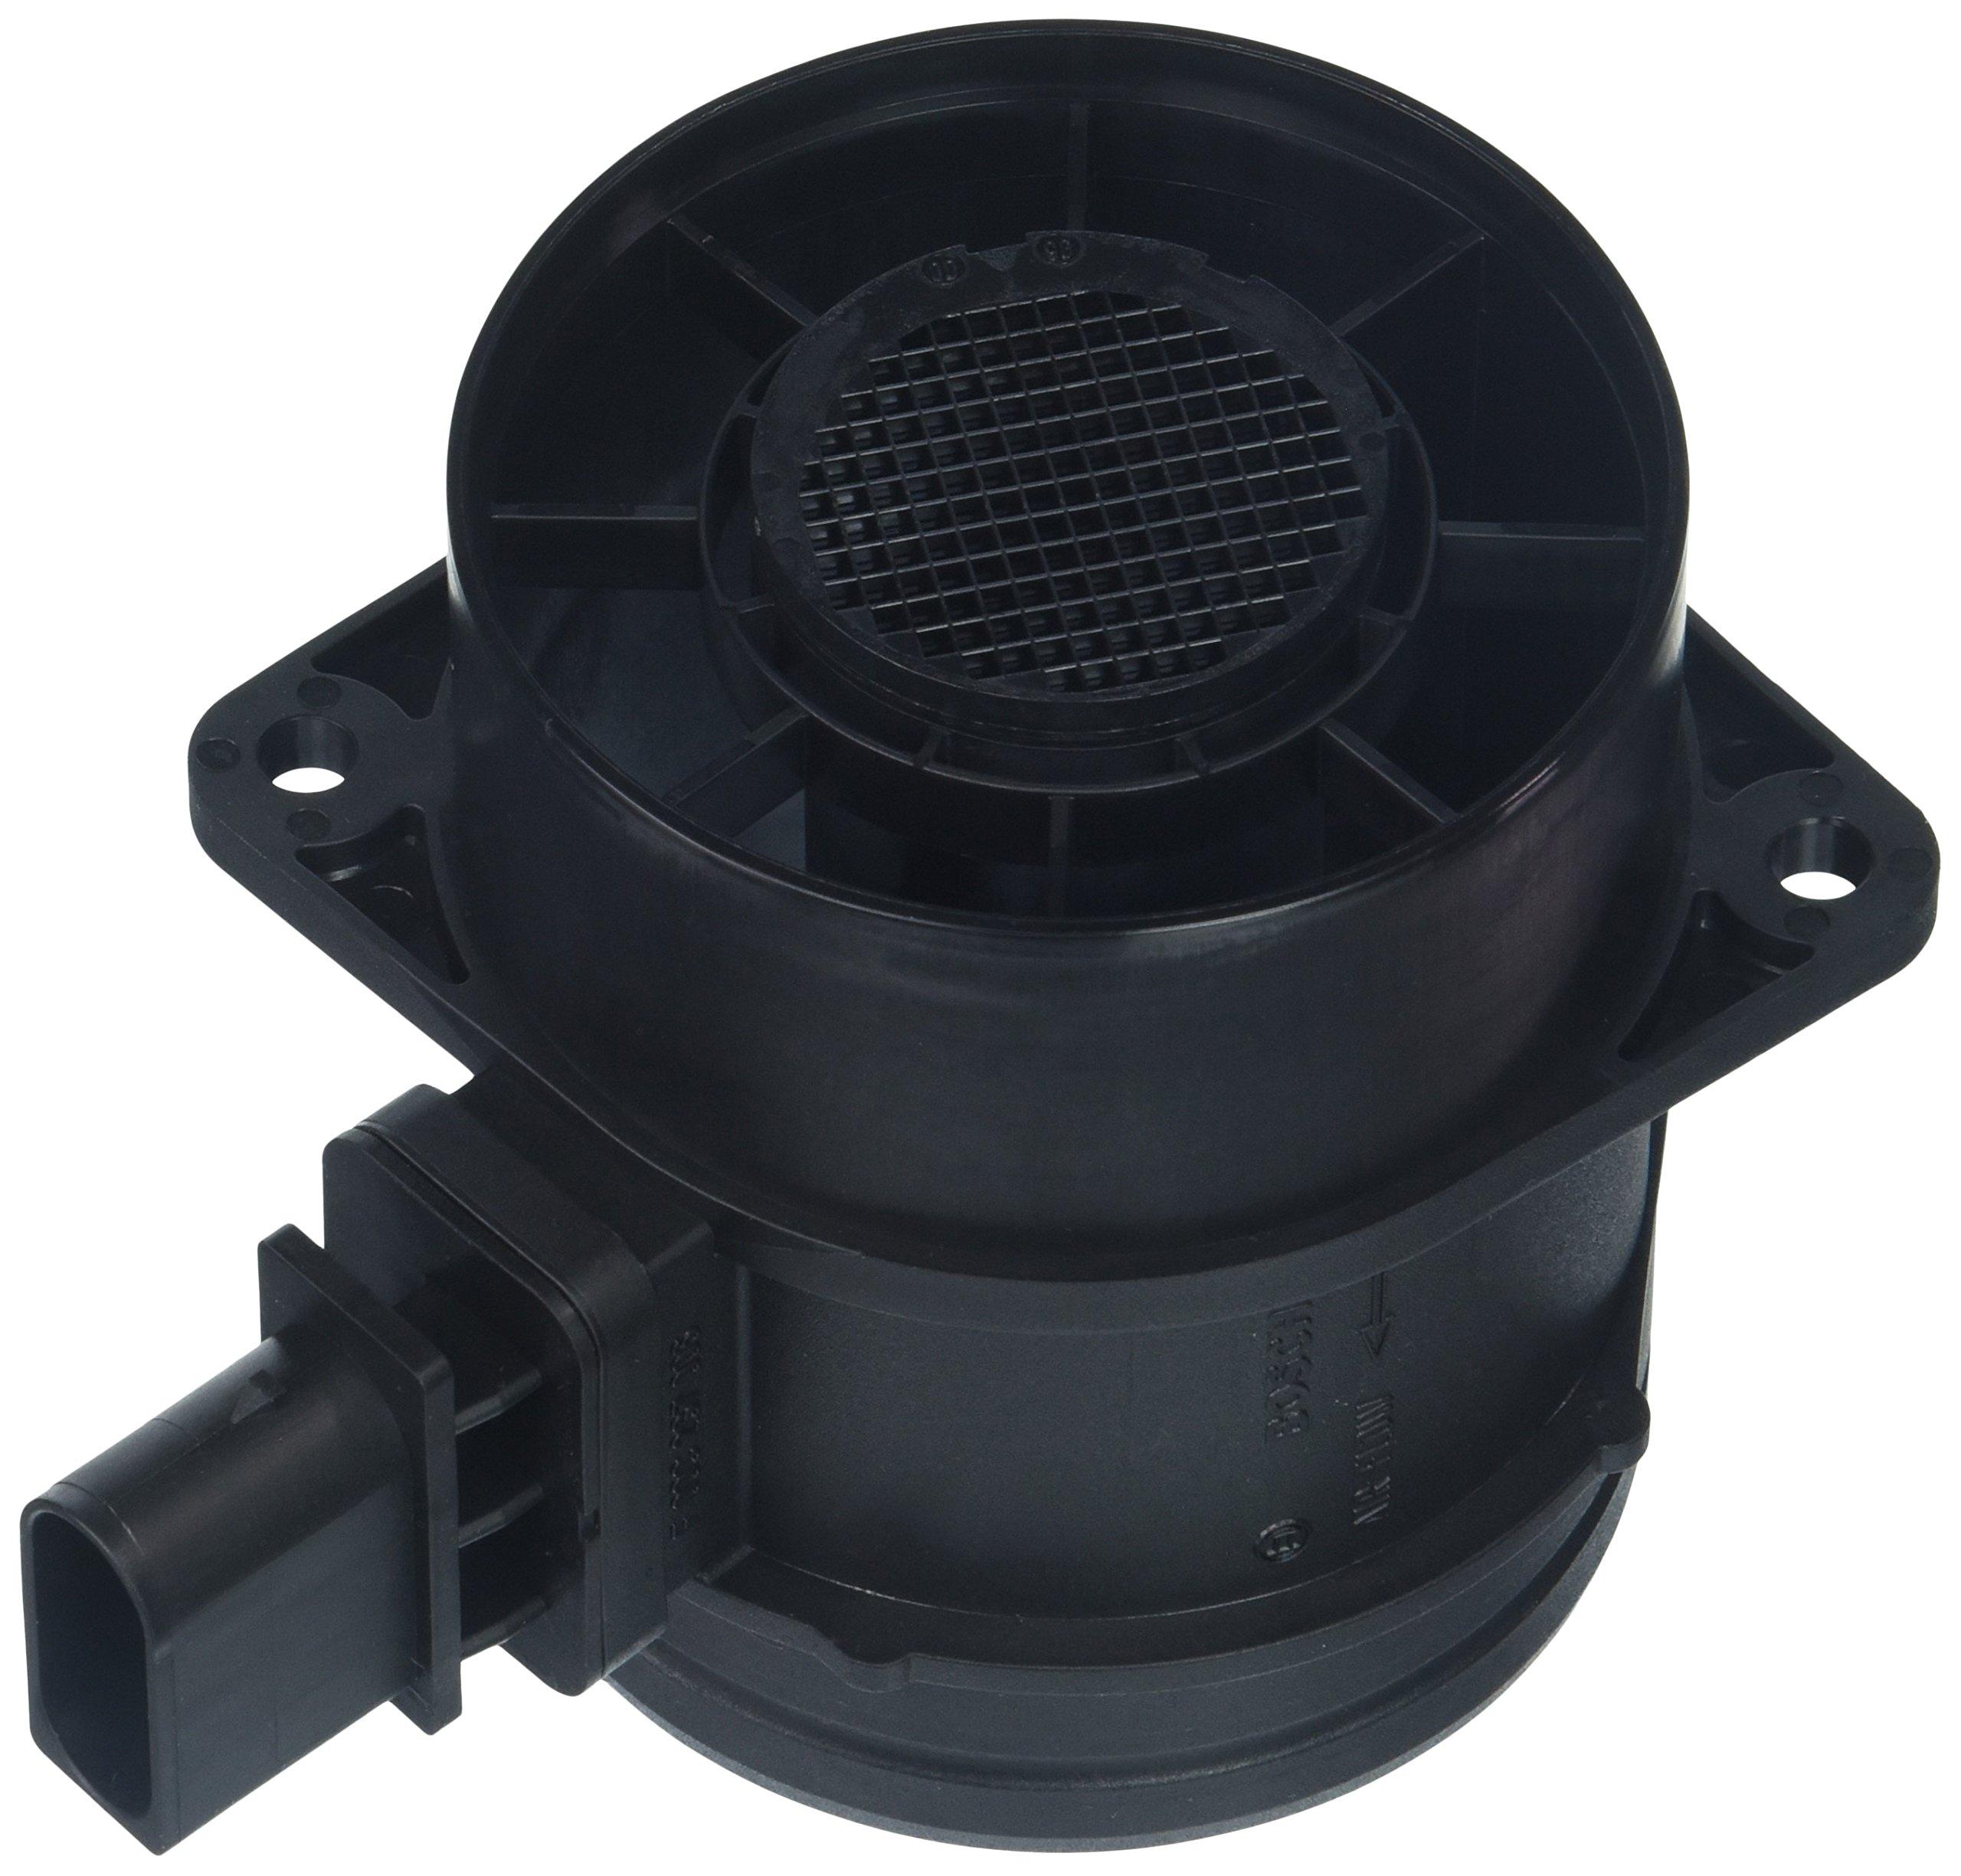 Bosch Original Equipment 0281002978 Mass Air Flow Sensor (MAF) - New by Bosch